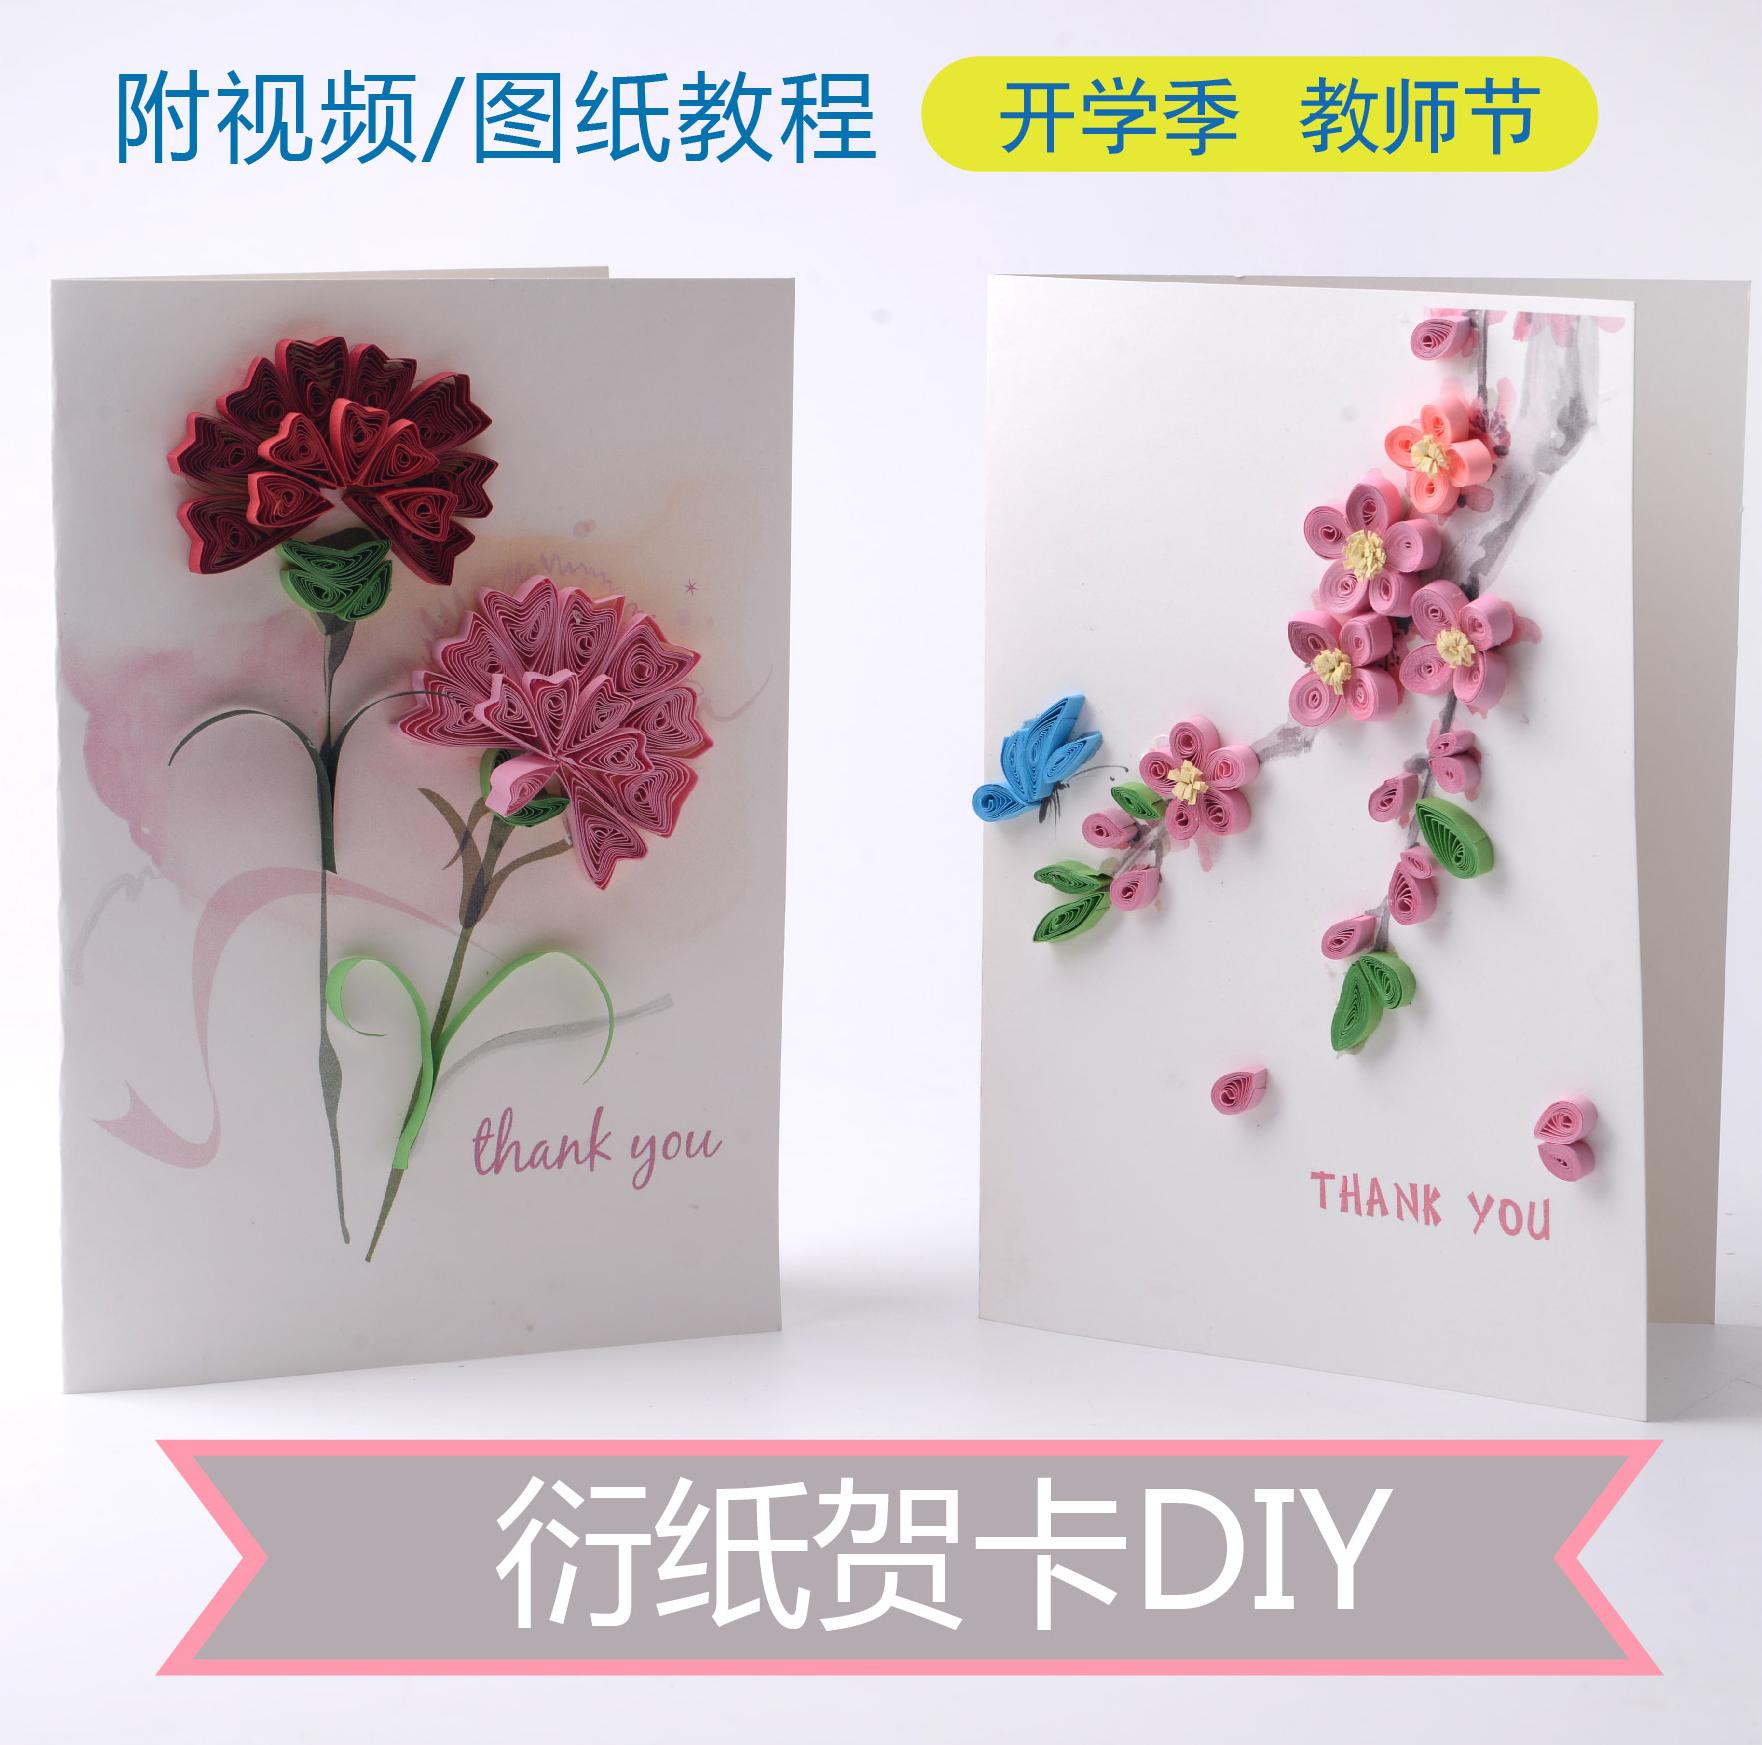 中秋节diy空白折叠衍纸贺卡手绘卡片幼儿园礼物儿童节祝福感谢卡